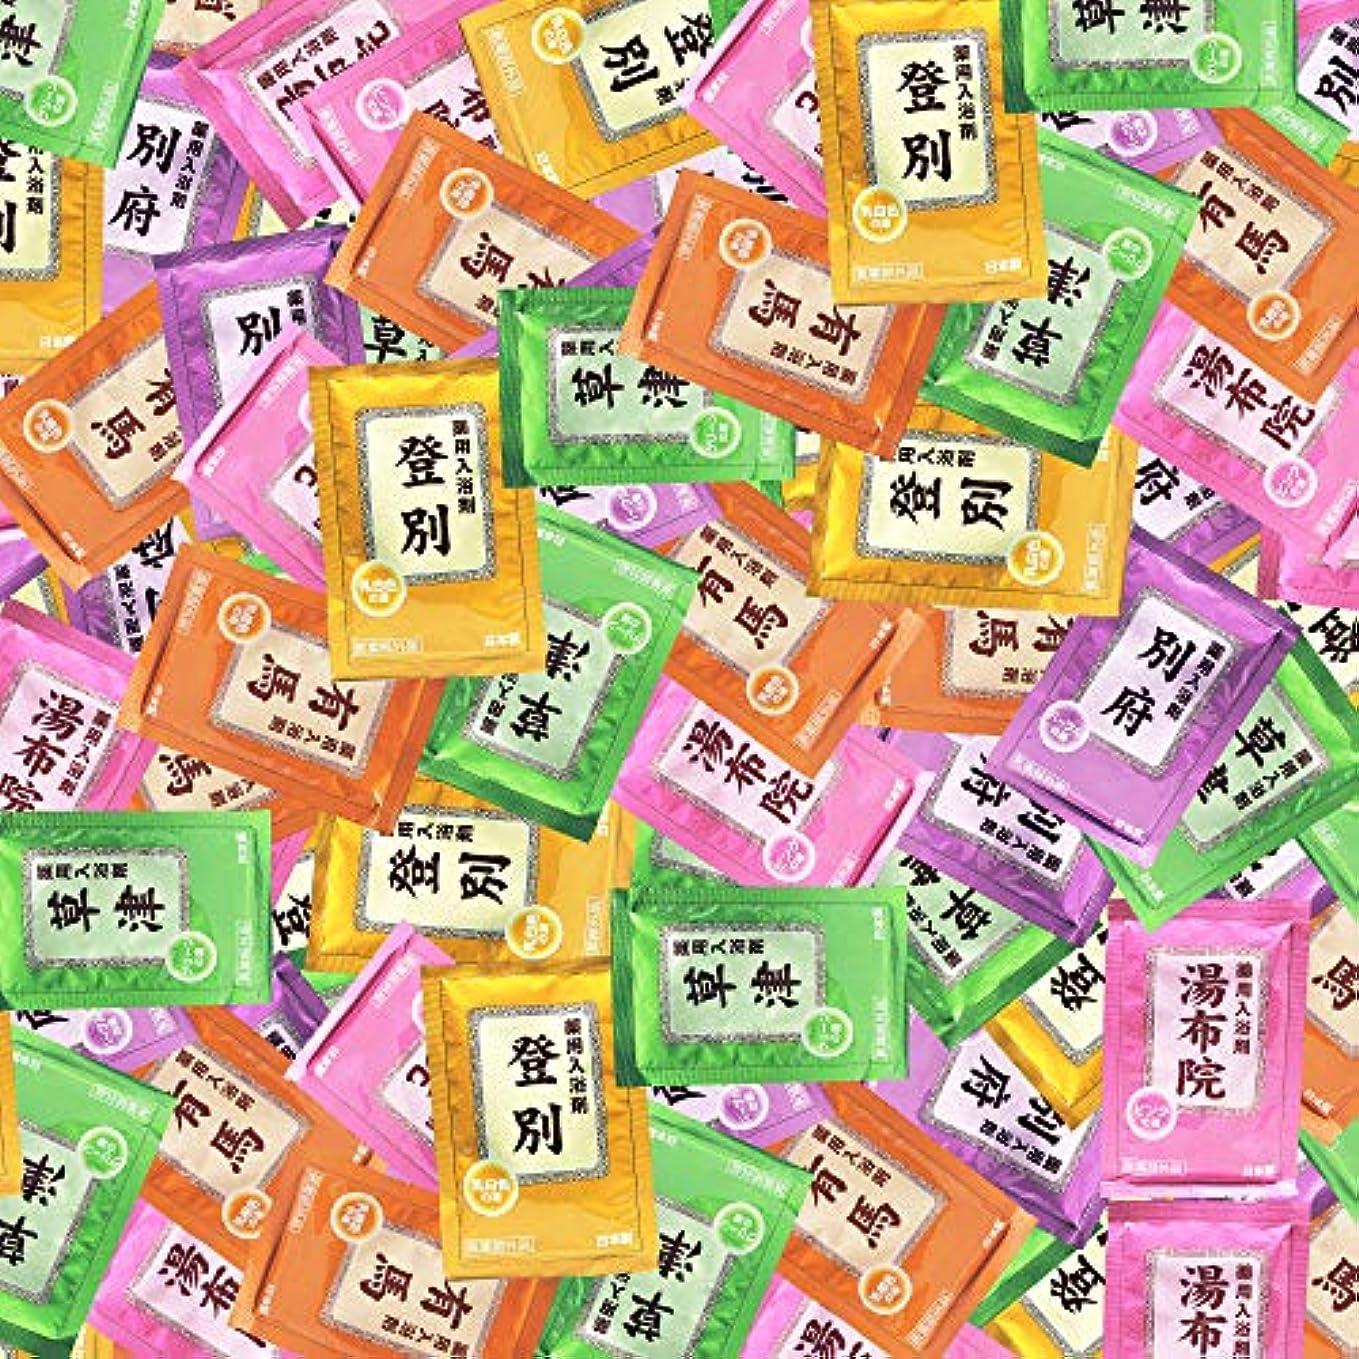 詩動機会員入浴剤 ギフト プレゼント 湯宿めぐり 5種類 (200袋)セット